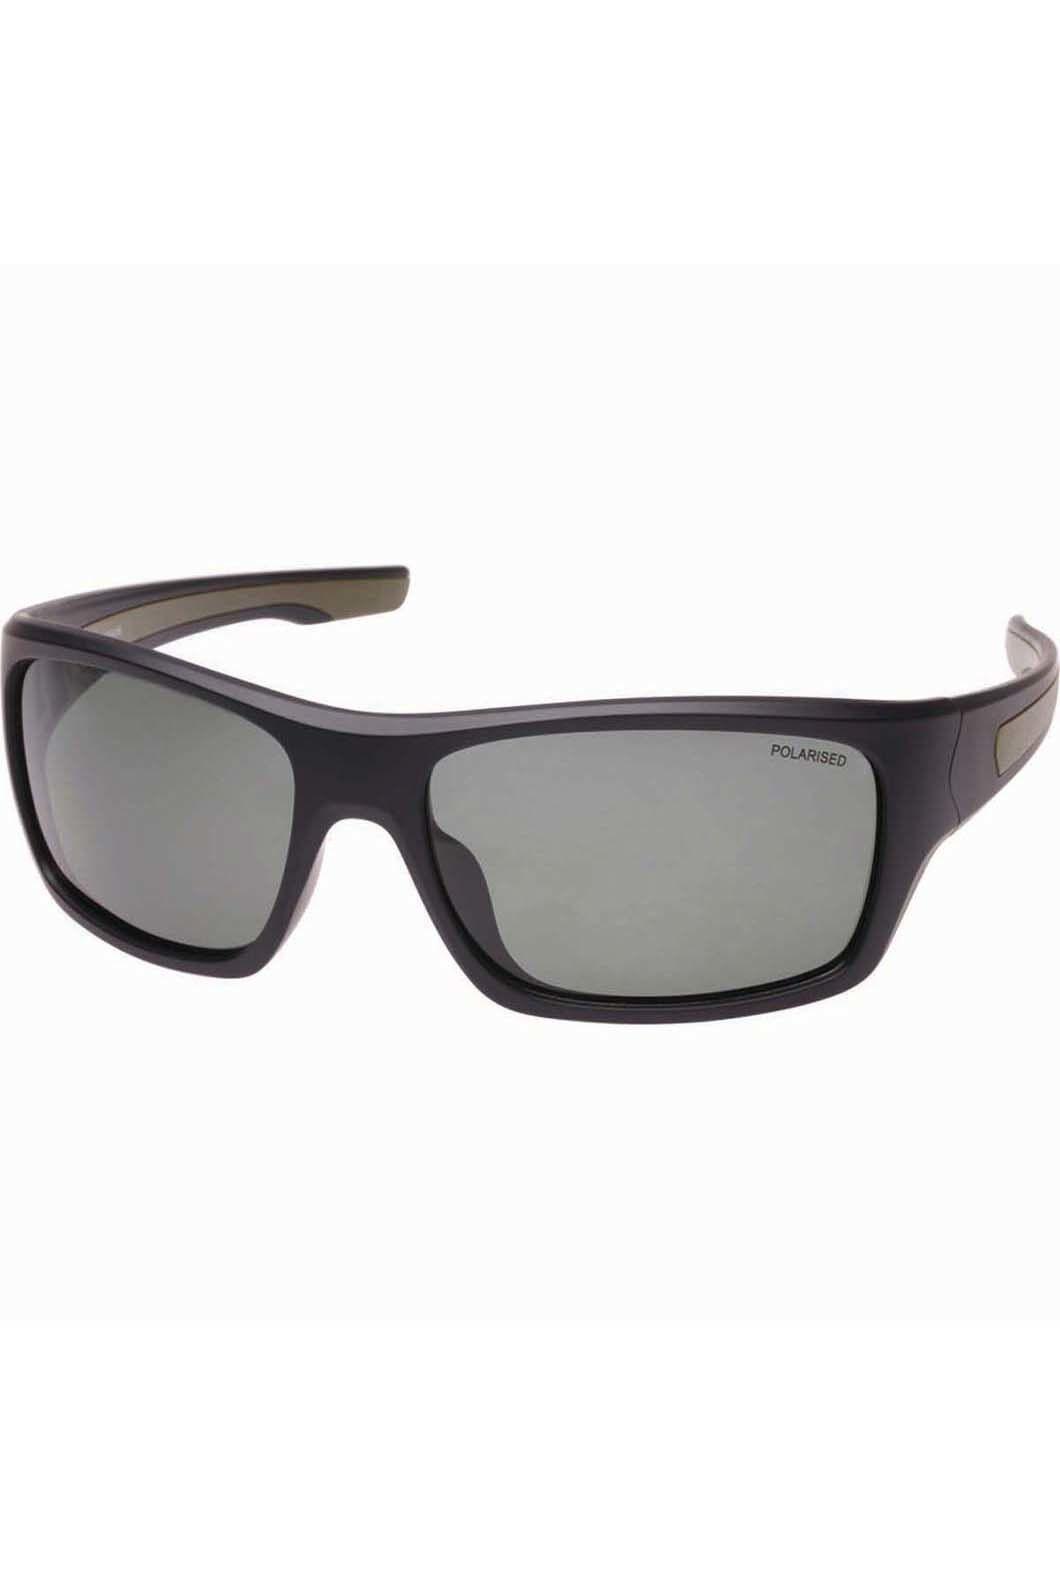 Cancer Council Men's Tooma Sunglasses One Size Fits Most, MATT BLACK/GREY, hi-res